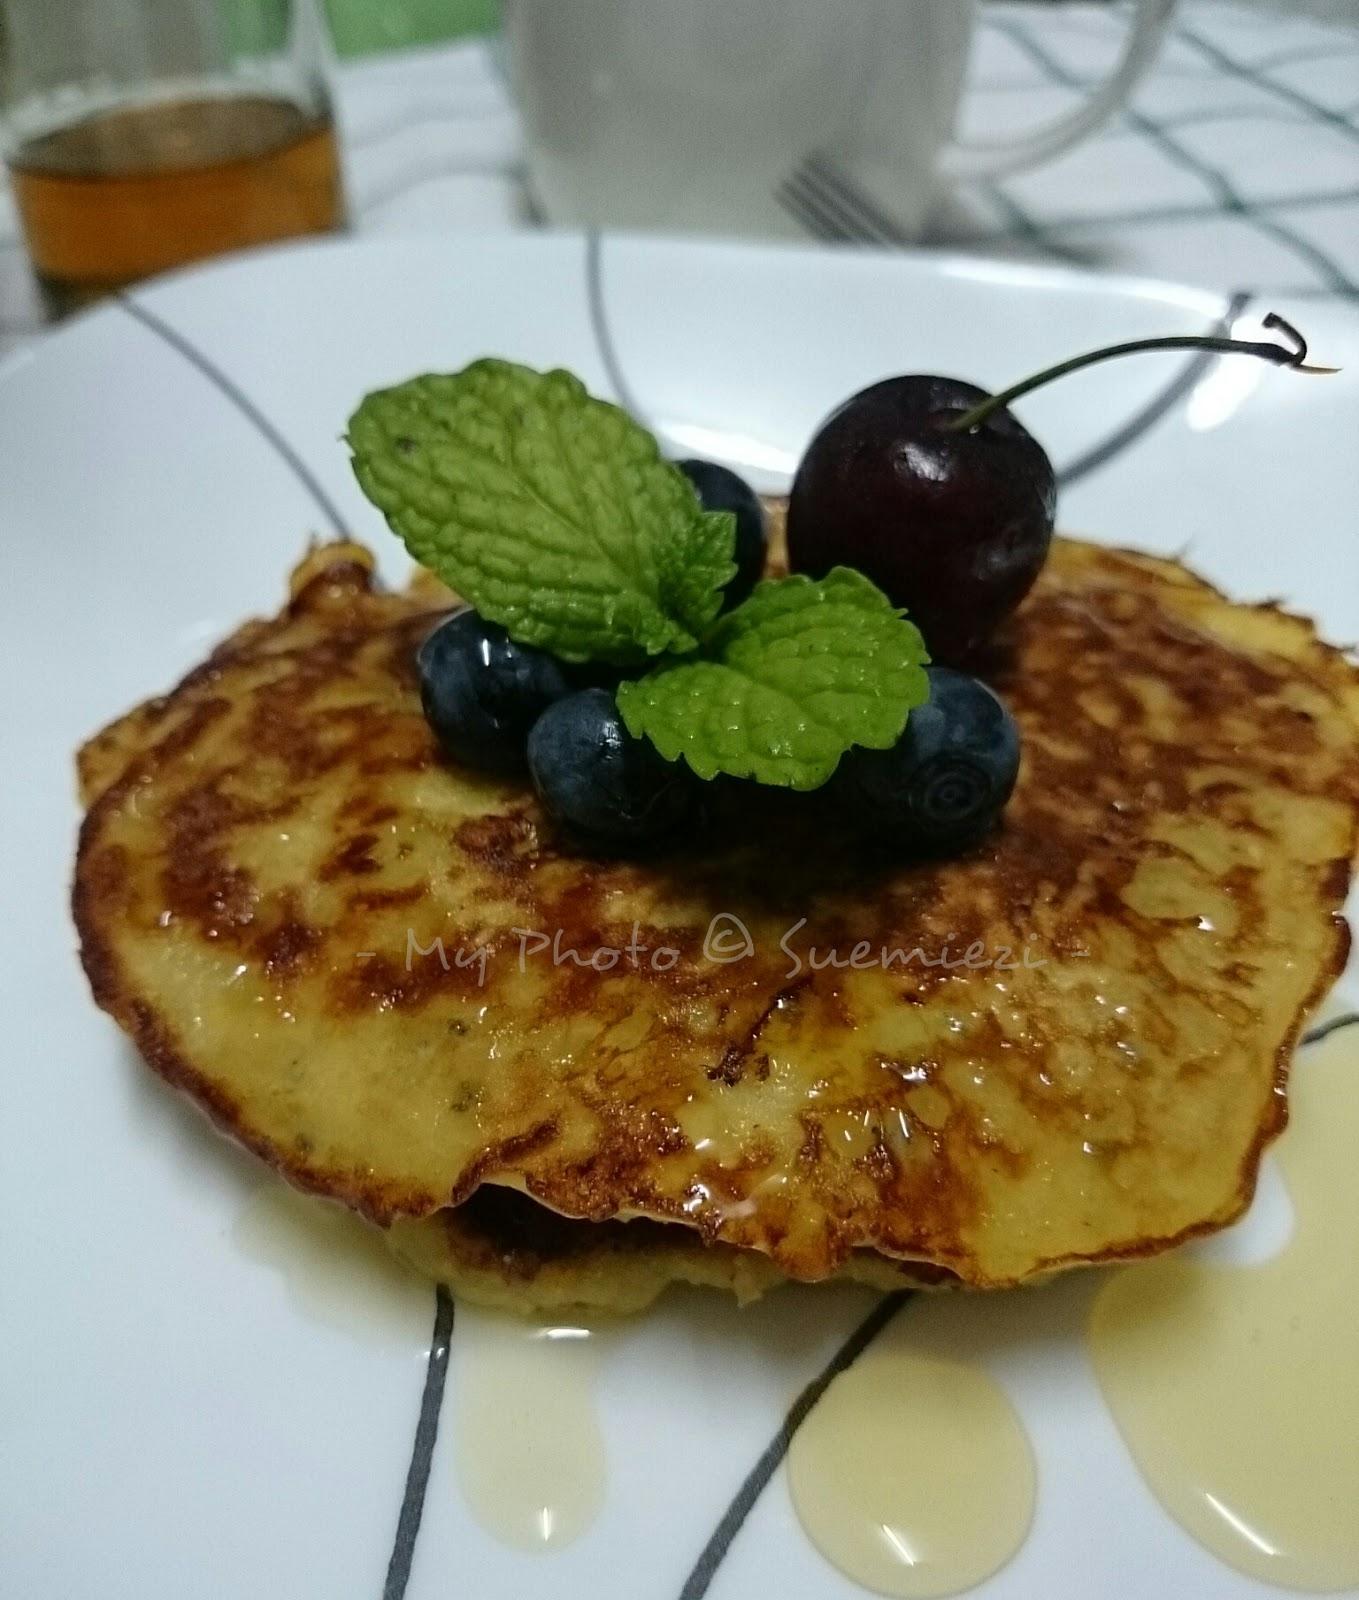 Resepi Pancake Oat Tanpa Susu - Soalan Mudah i